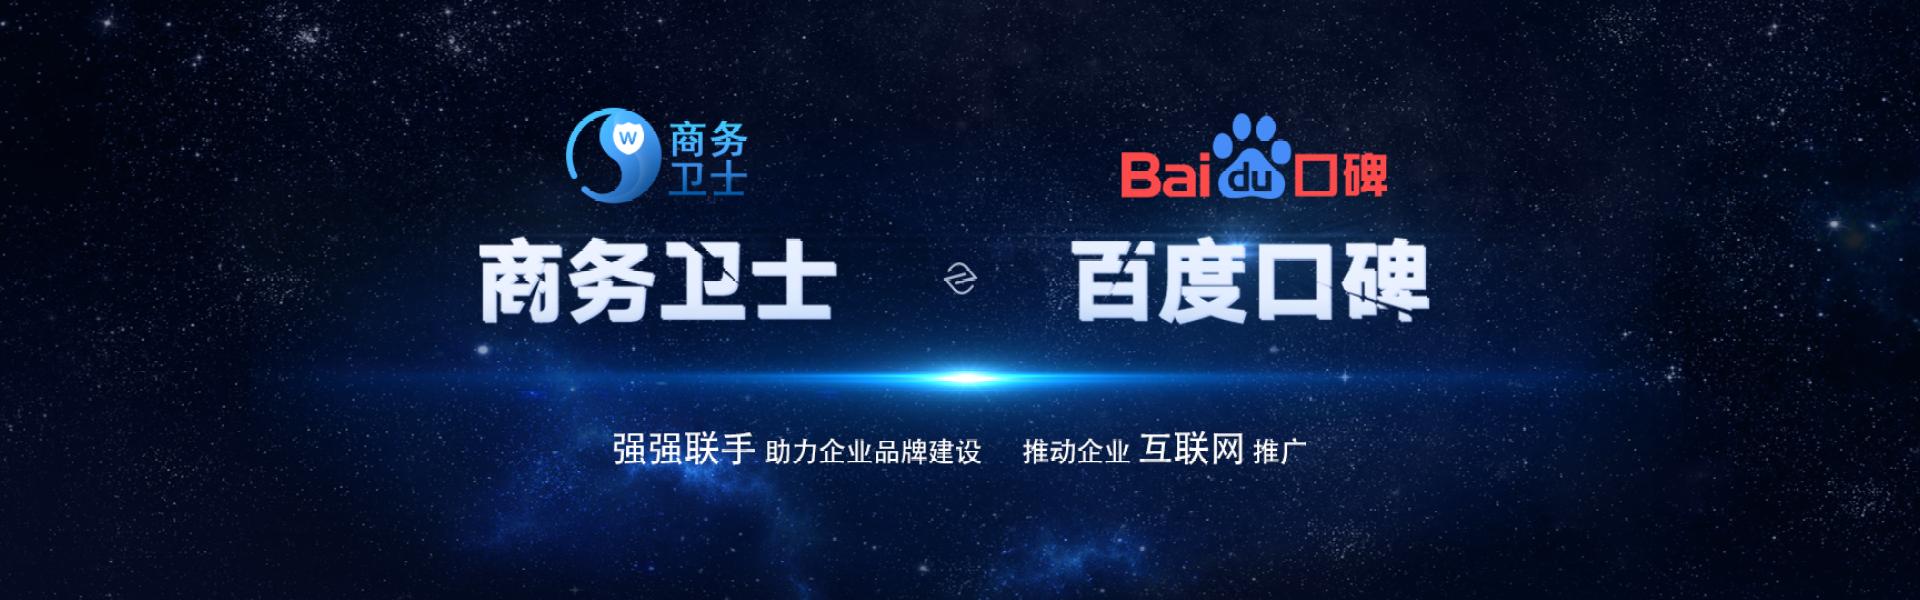 武汉网络营销,武汉网络推广,武汉网络优化